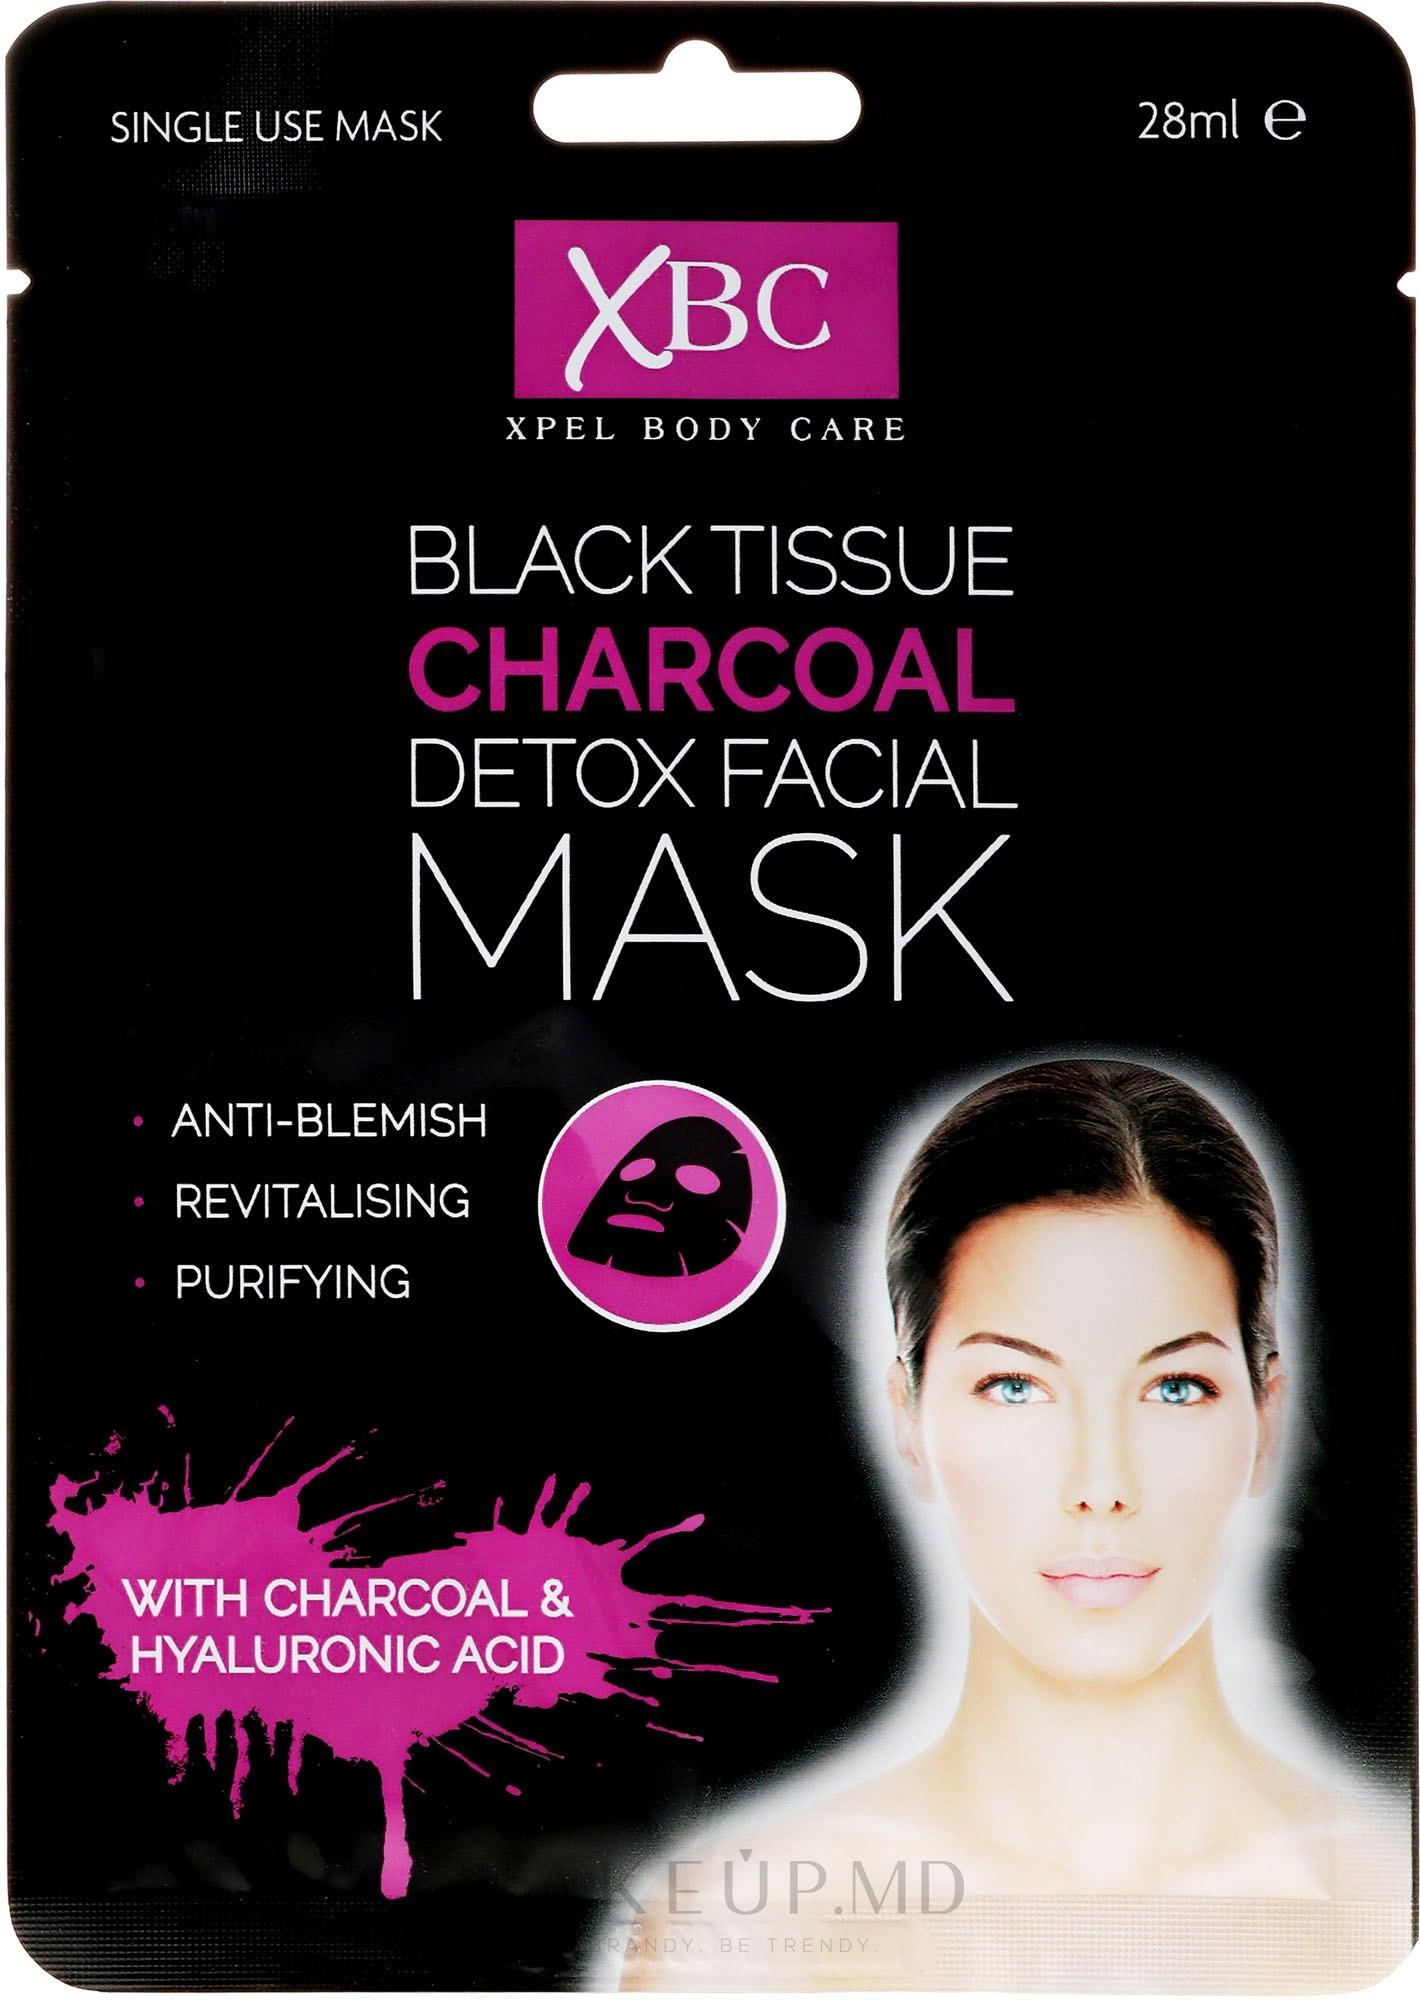 Mască de curățare pentru față, cu argilă - Xpel Marketing Ltd Body Care Black Tissue Charcoal Detox Facial Face Mask — Imagine 28 ml